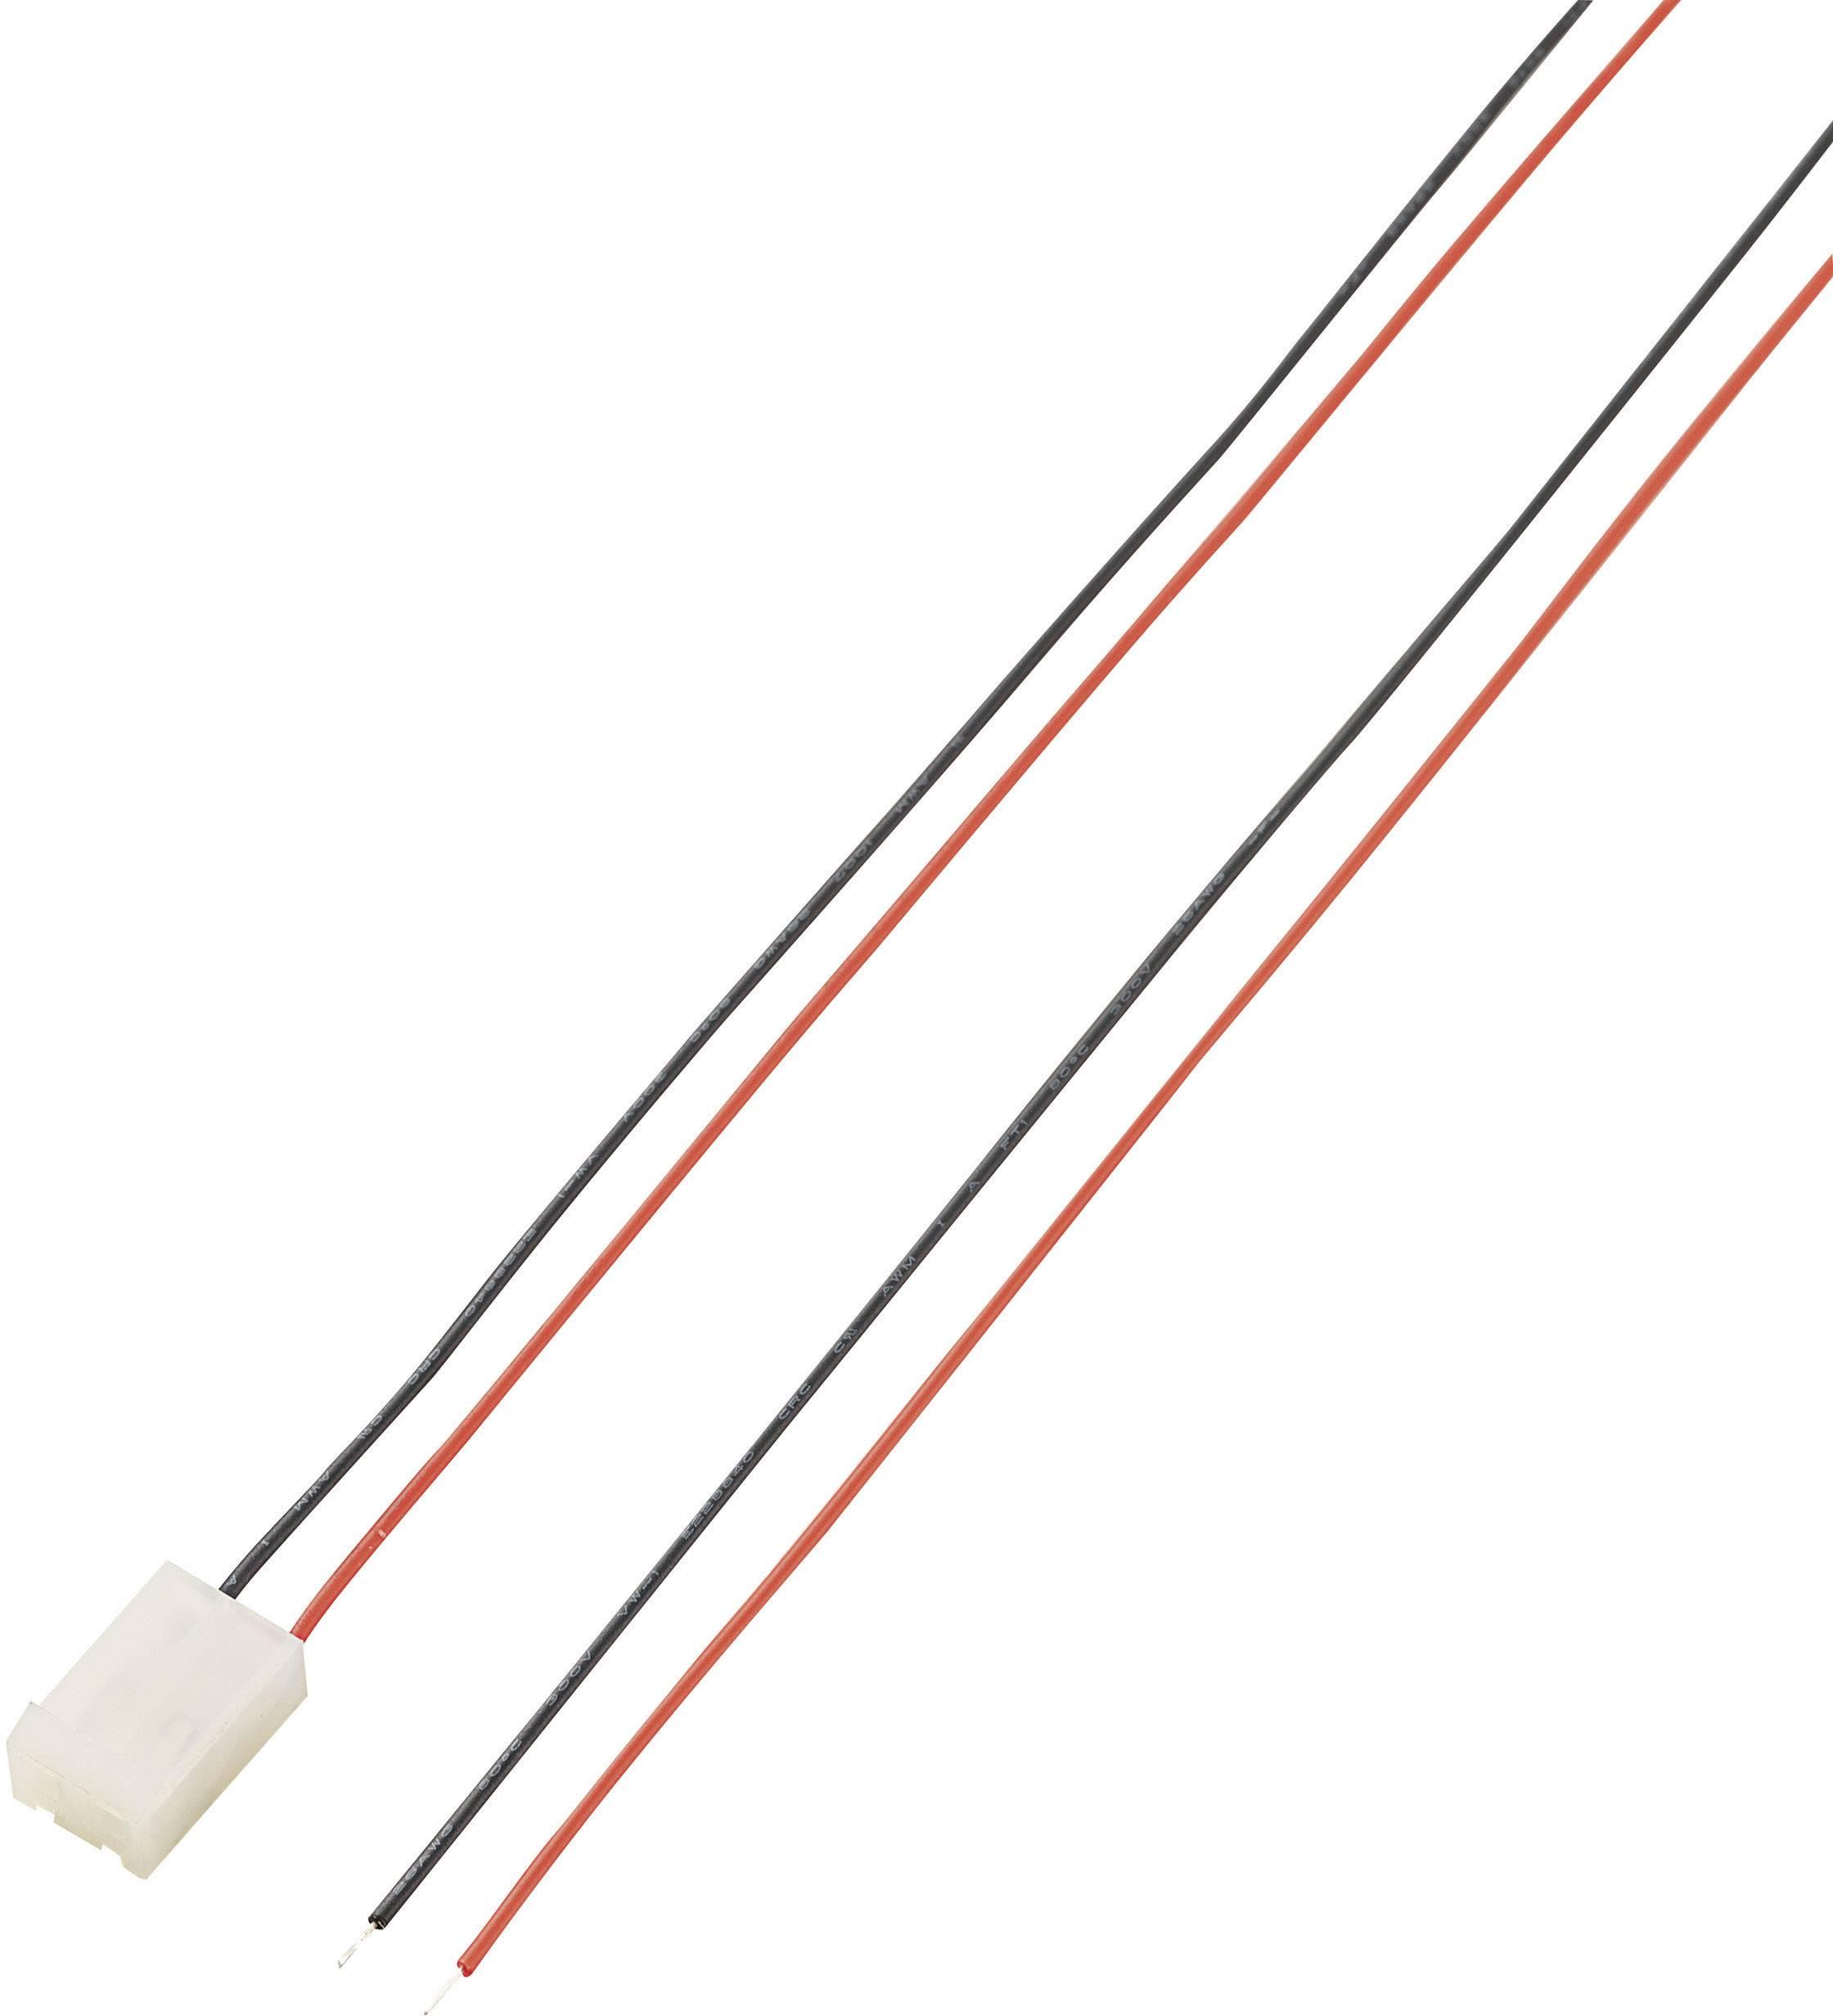 Konektor s vodiči, zásuvka, 2pól., 5,08 mm